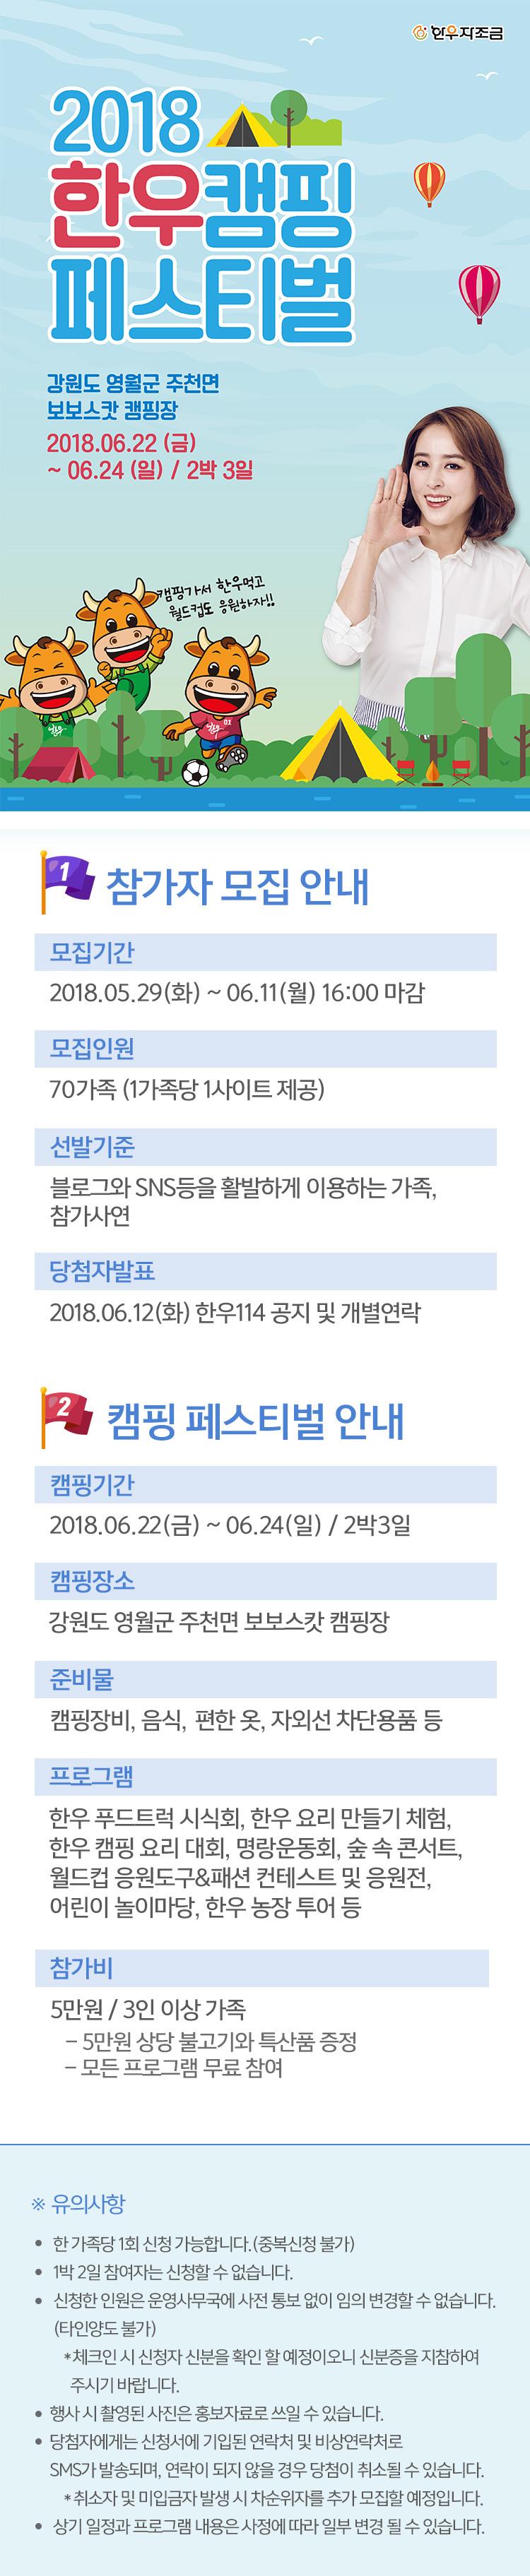 붙임 1,2) 한우캠핑페스티벌_모집페이지_최종.jpg